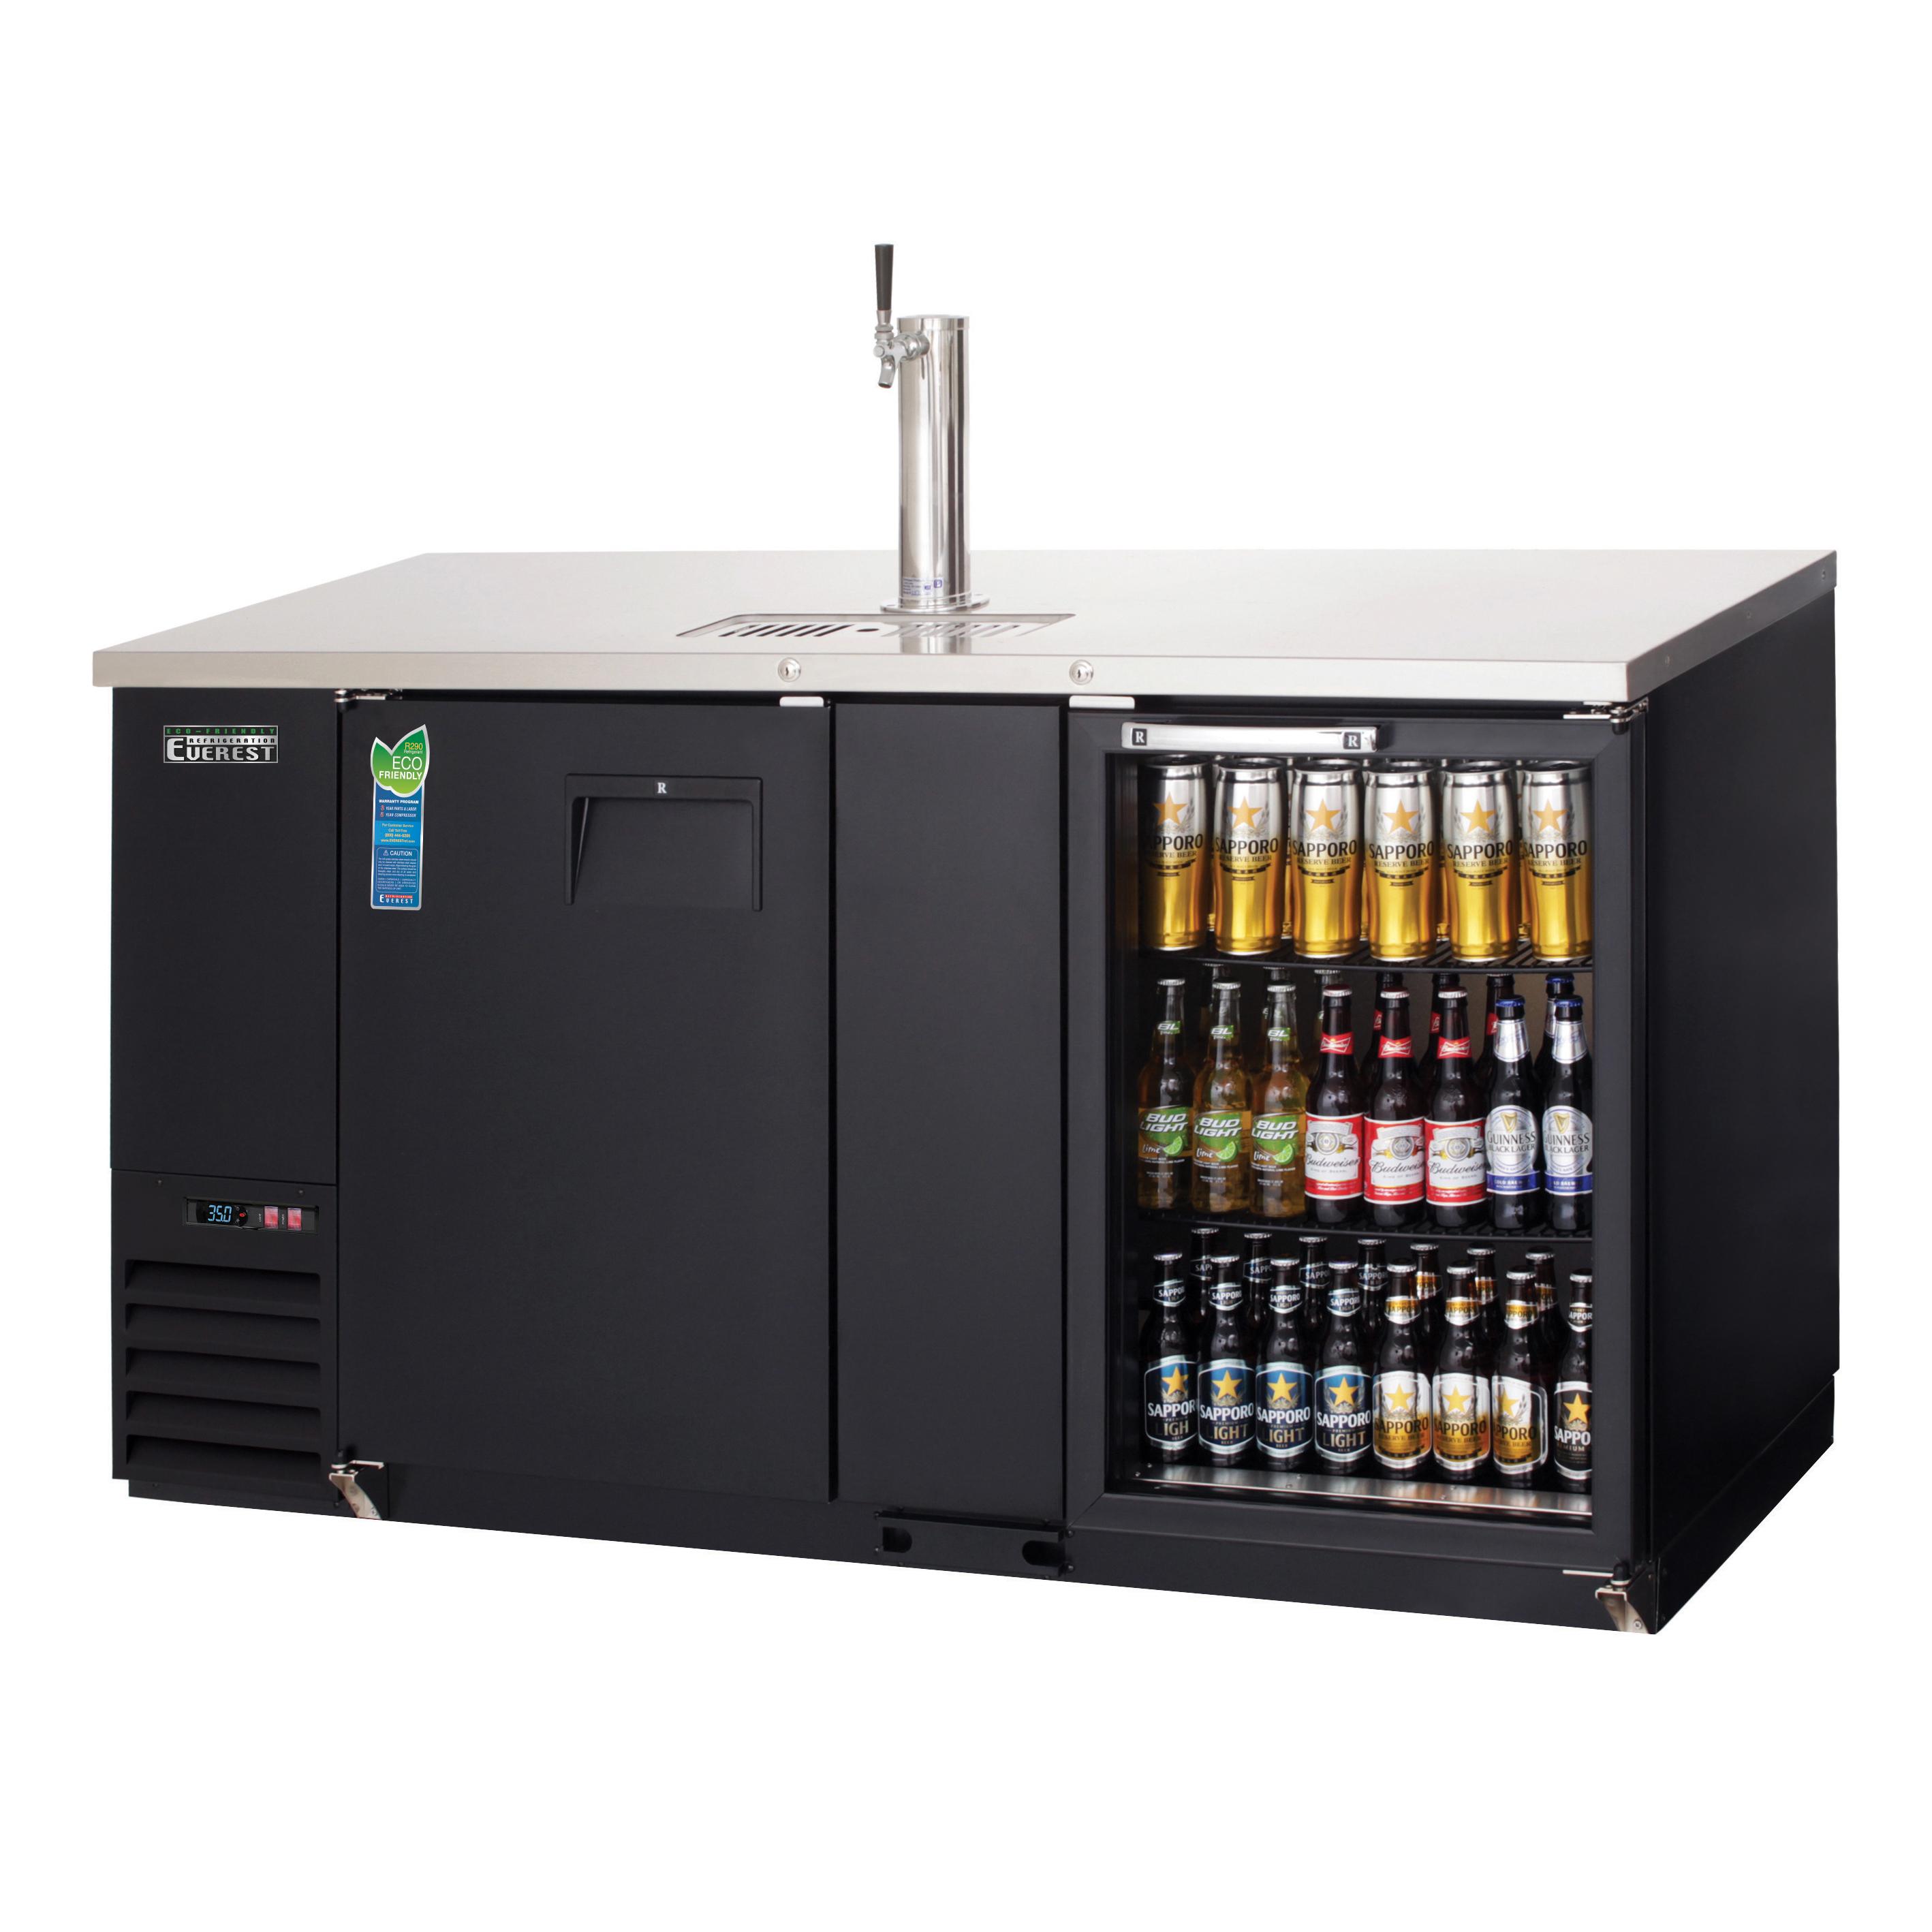 Everest Refrigeration EBD3-BBG draft beer cooler